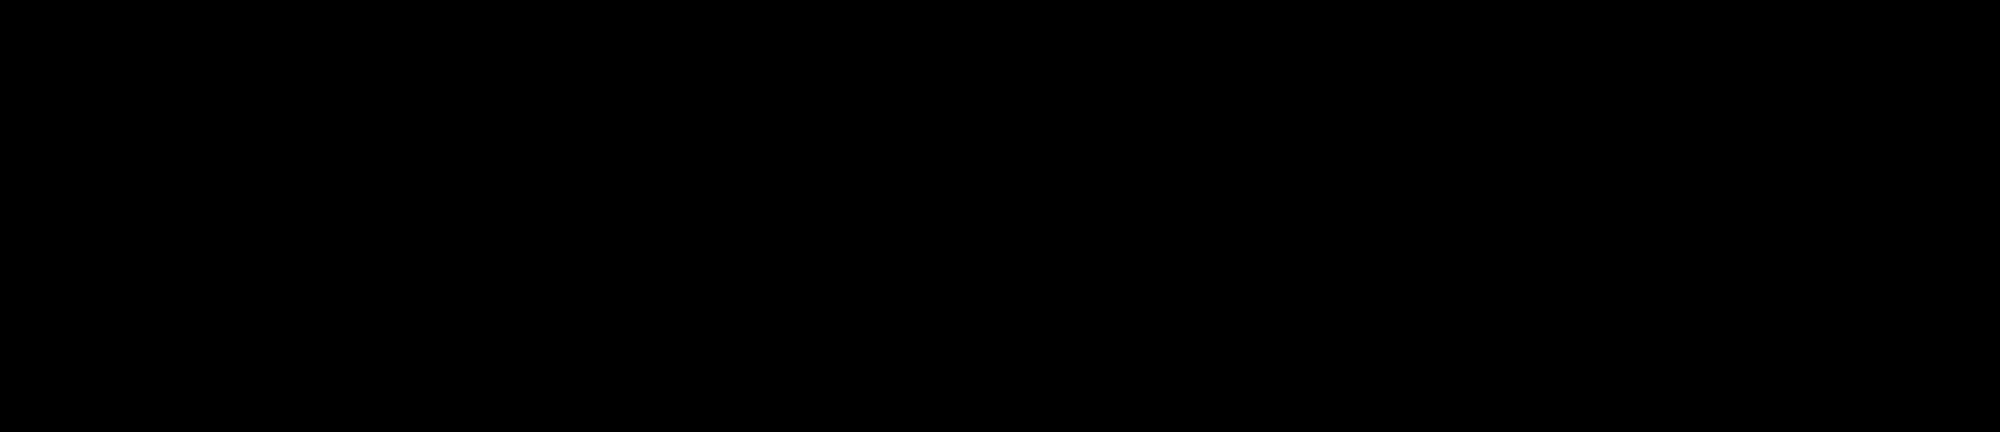 Maxim Logos